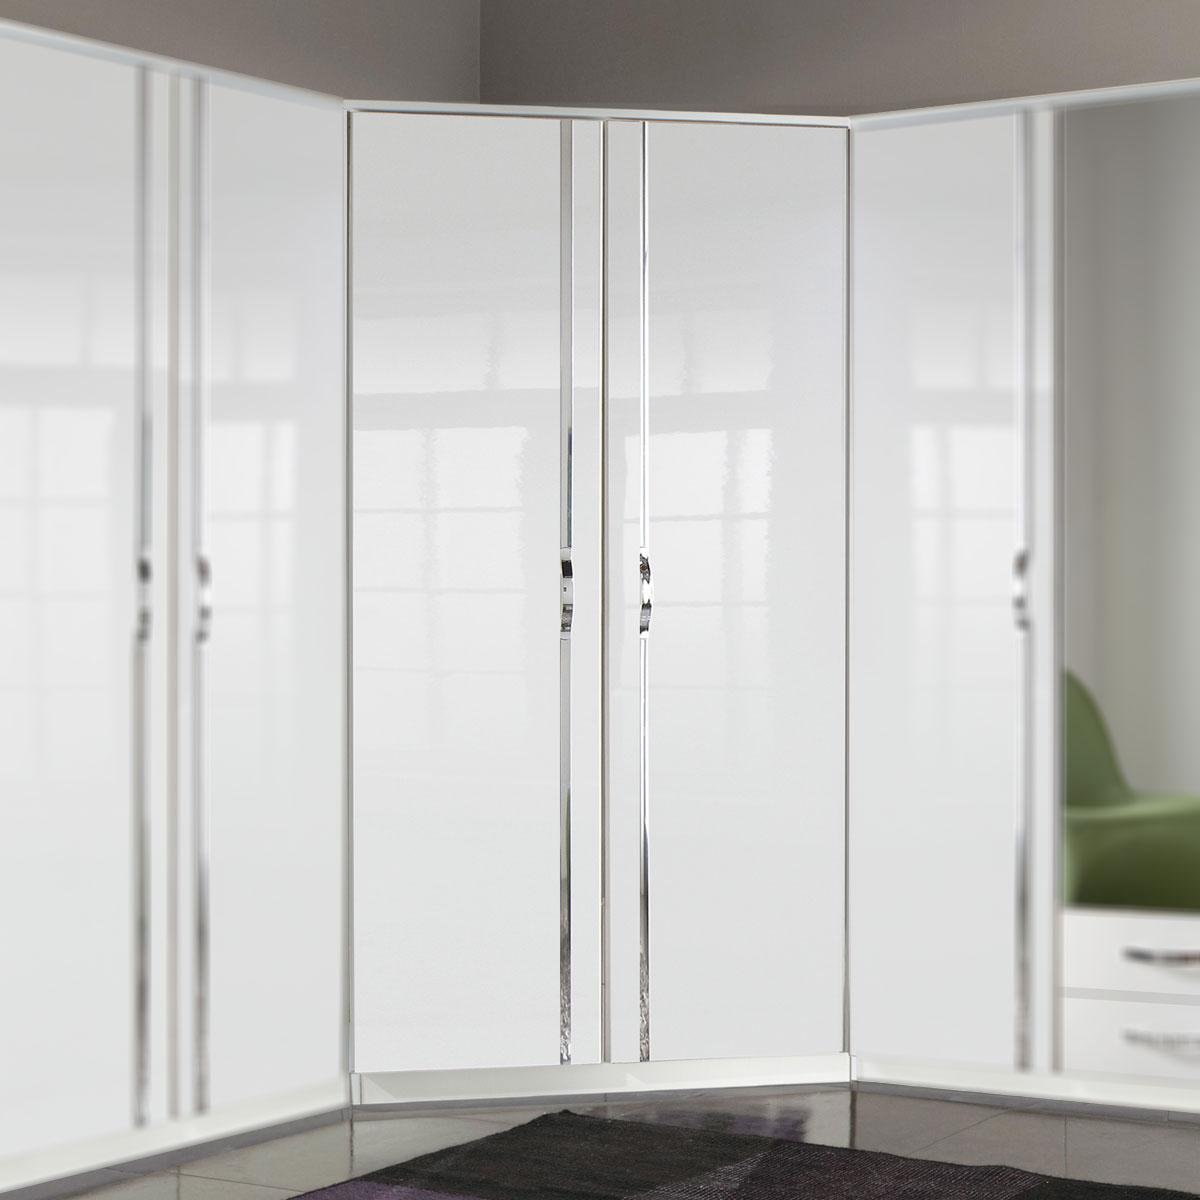 kleiderschrank trio schrank dreht renschrank wei oder. Black Bedroom Furniture Sets. Home Design Ideas